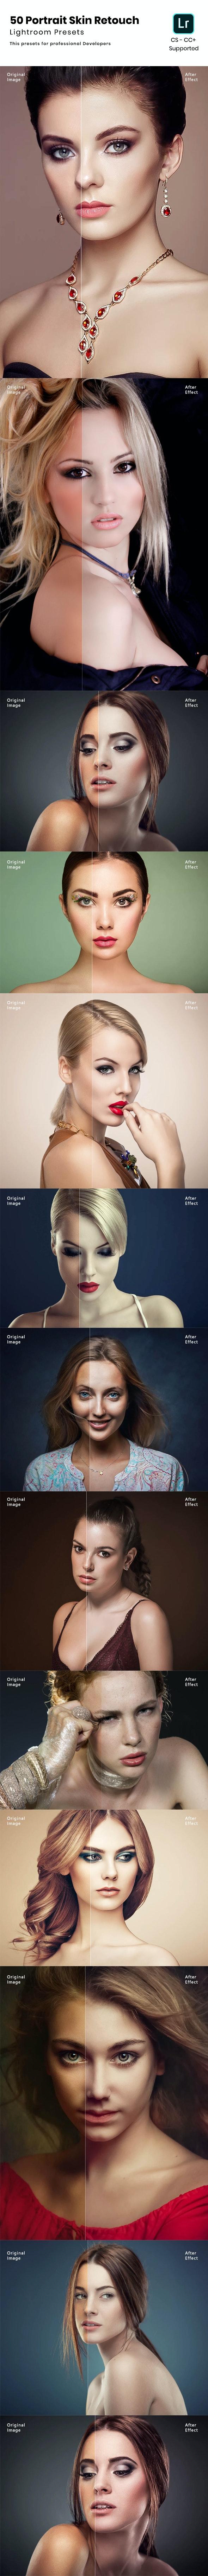 50 Portrait Skin Retouch Lightroom Presets - Portrait Lightroom Presets